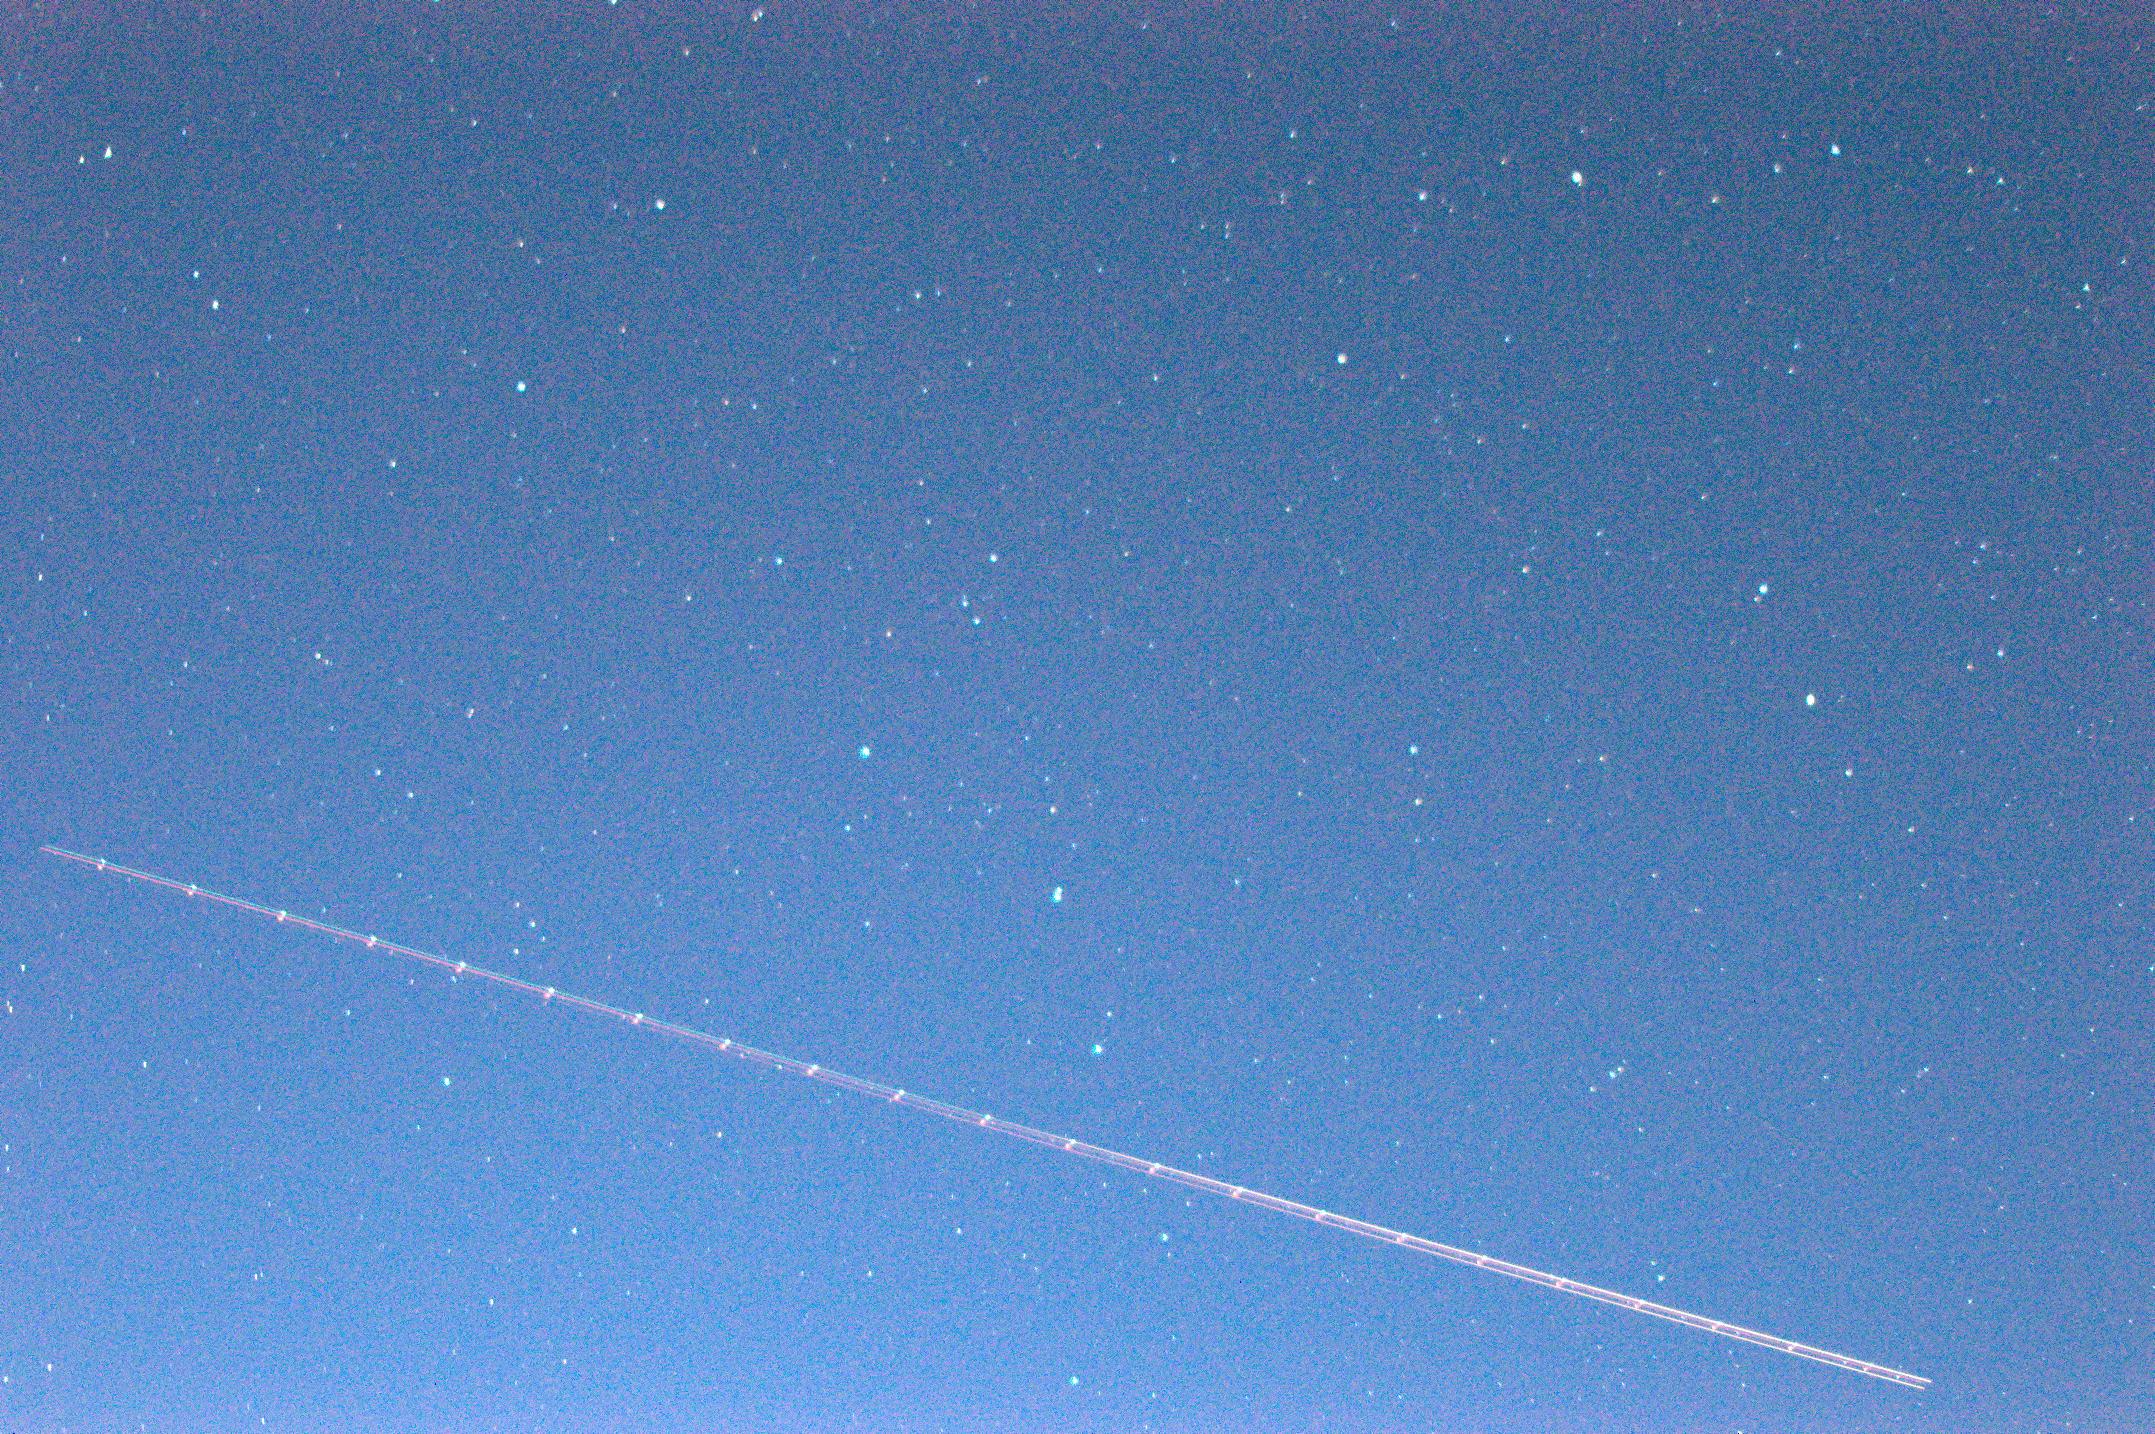 新潟2010;星空-1